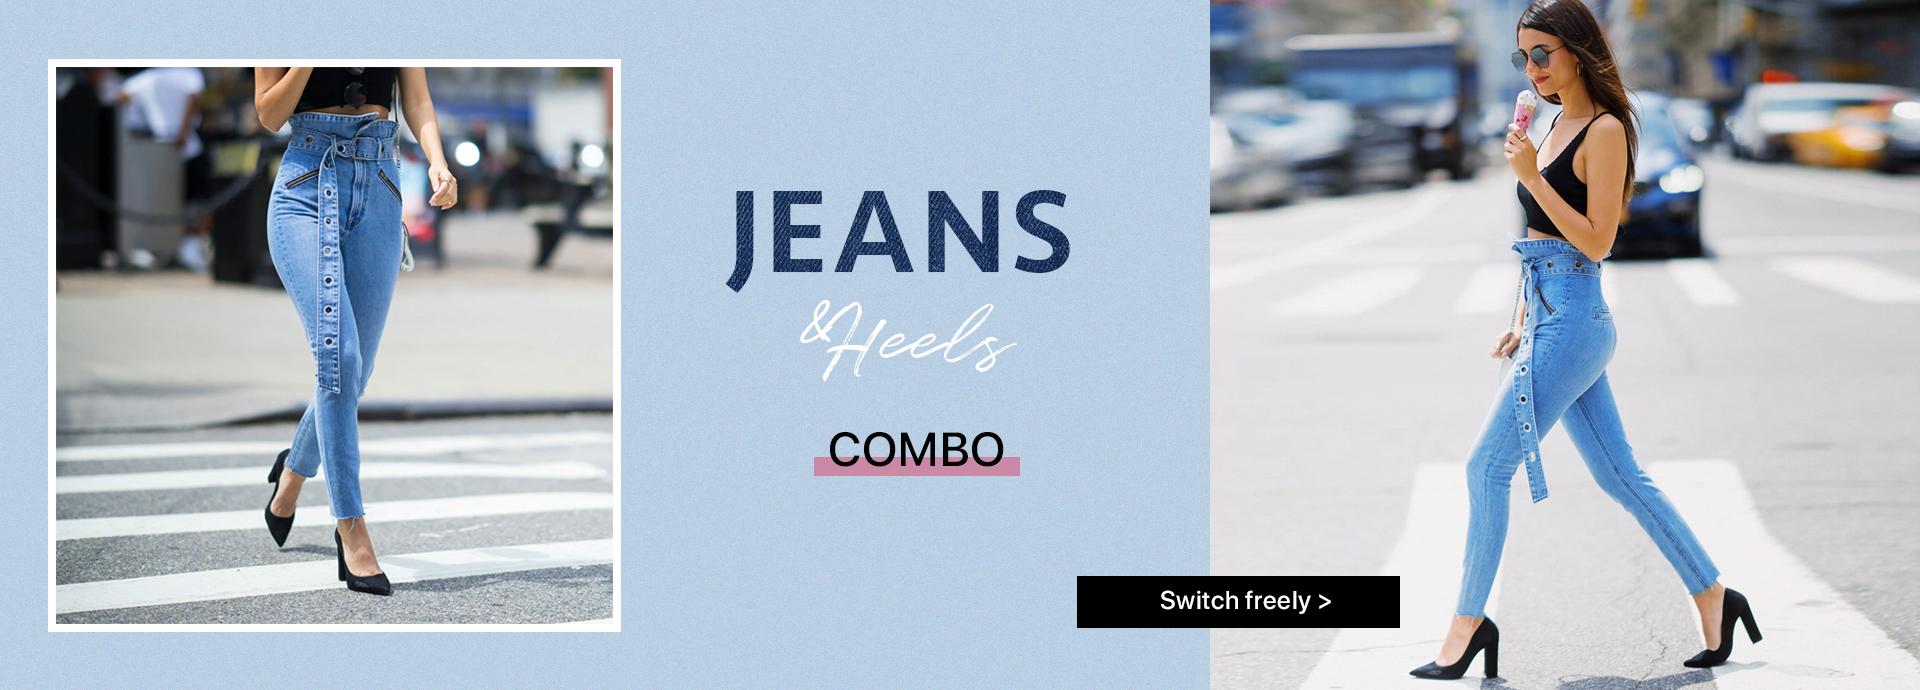 Jeans & Heel Combo